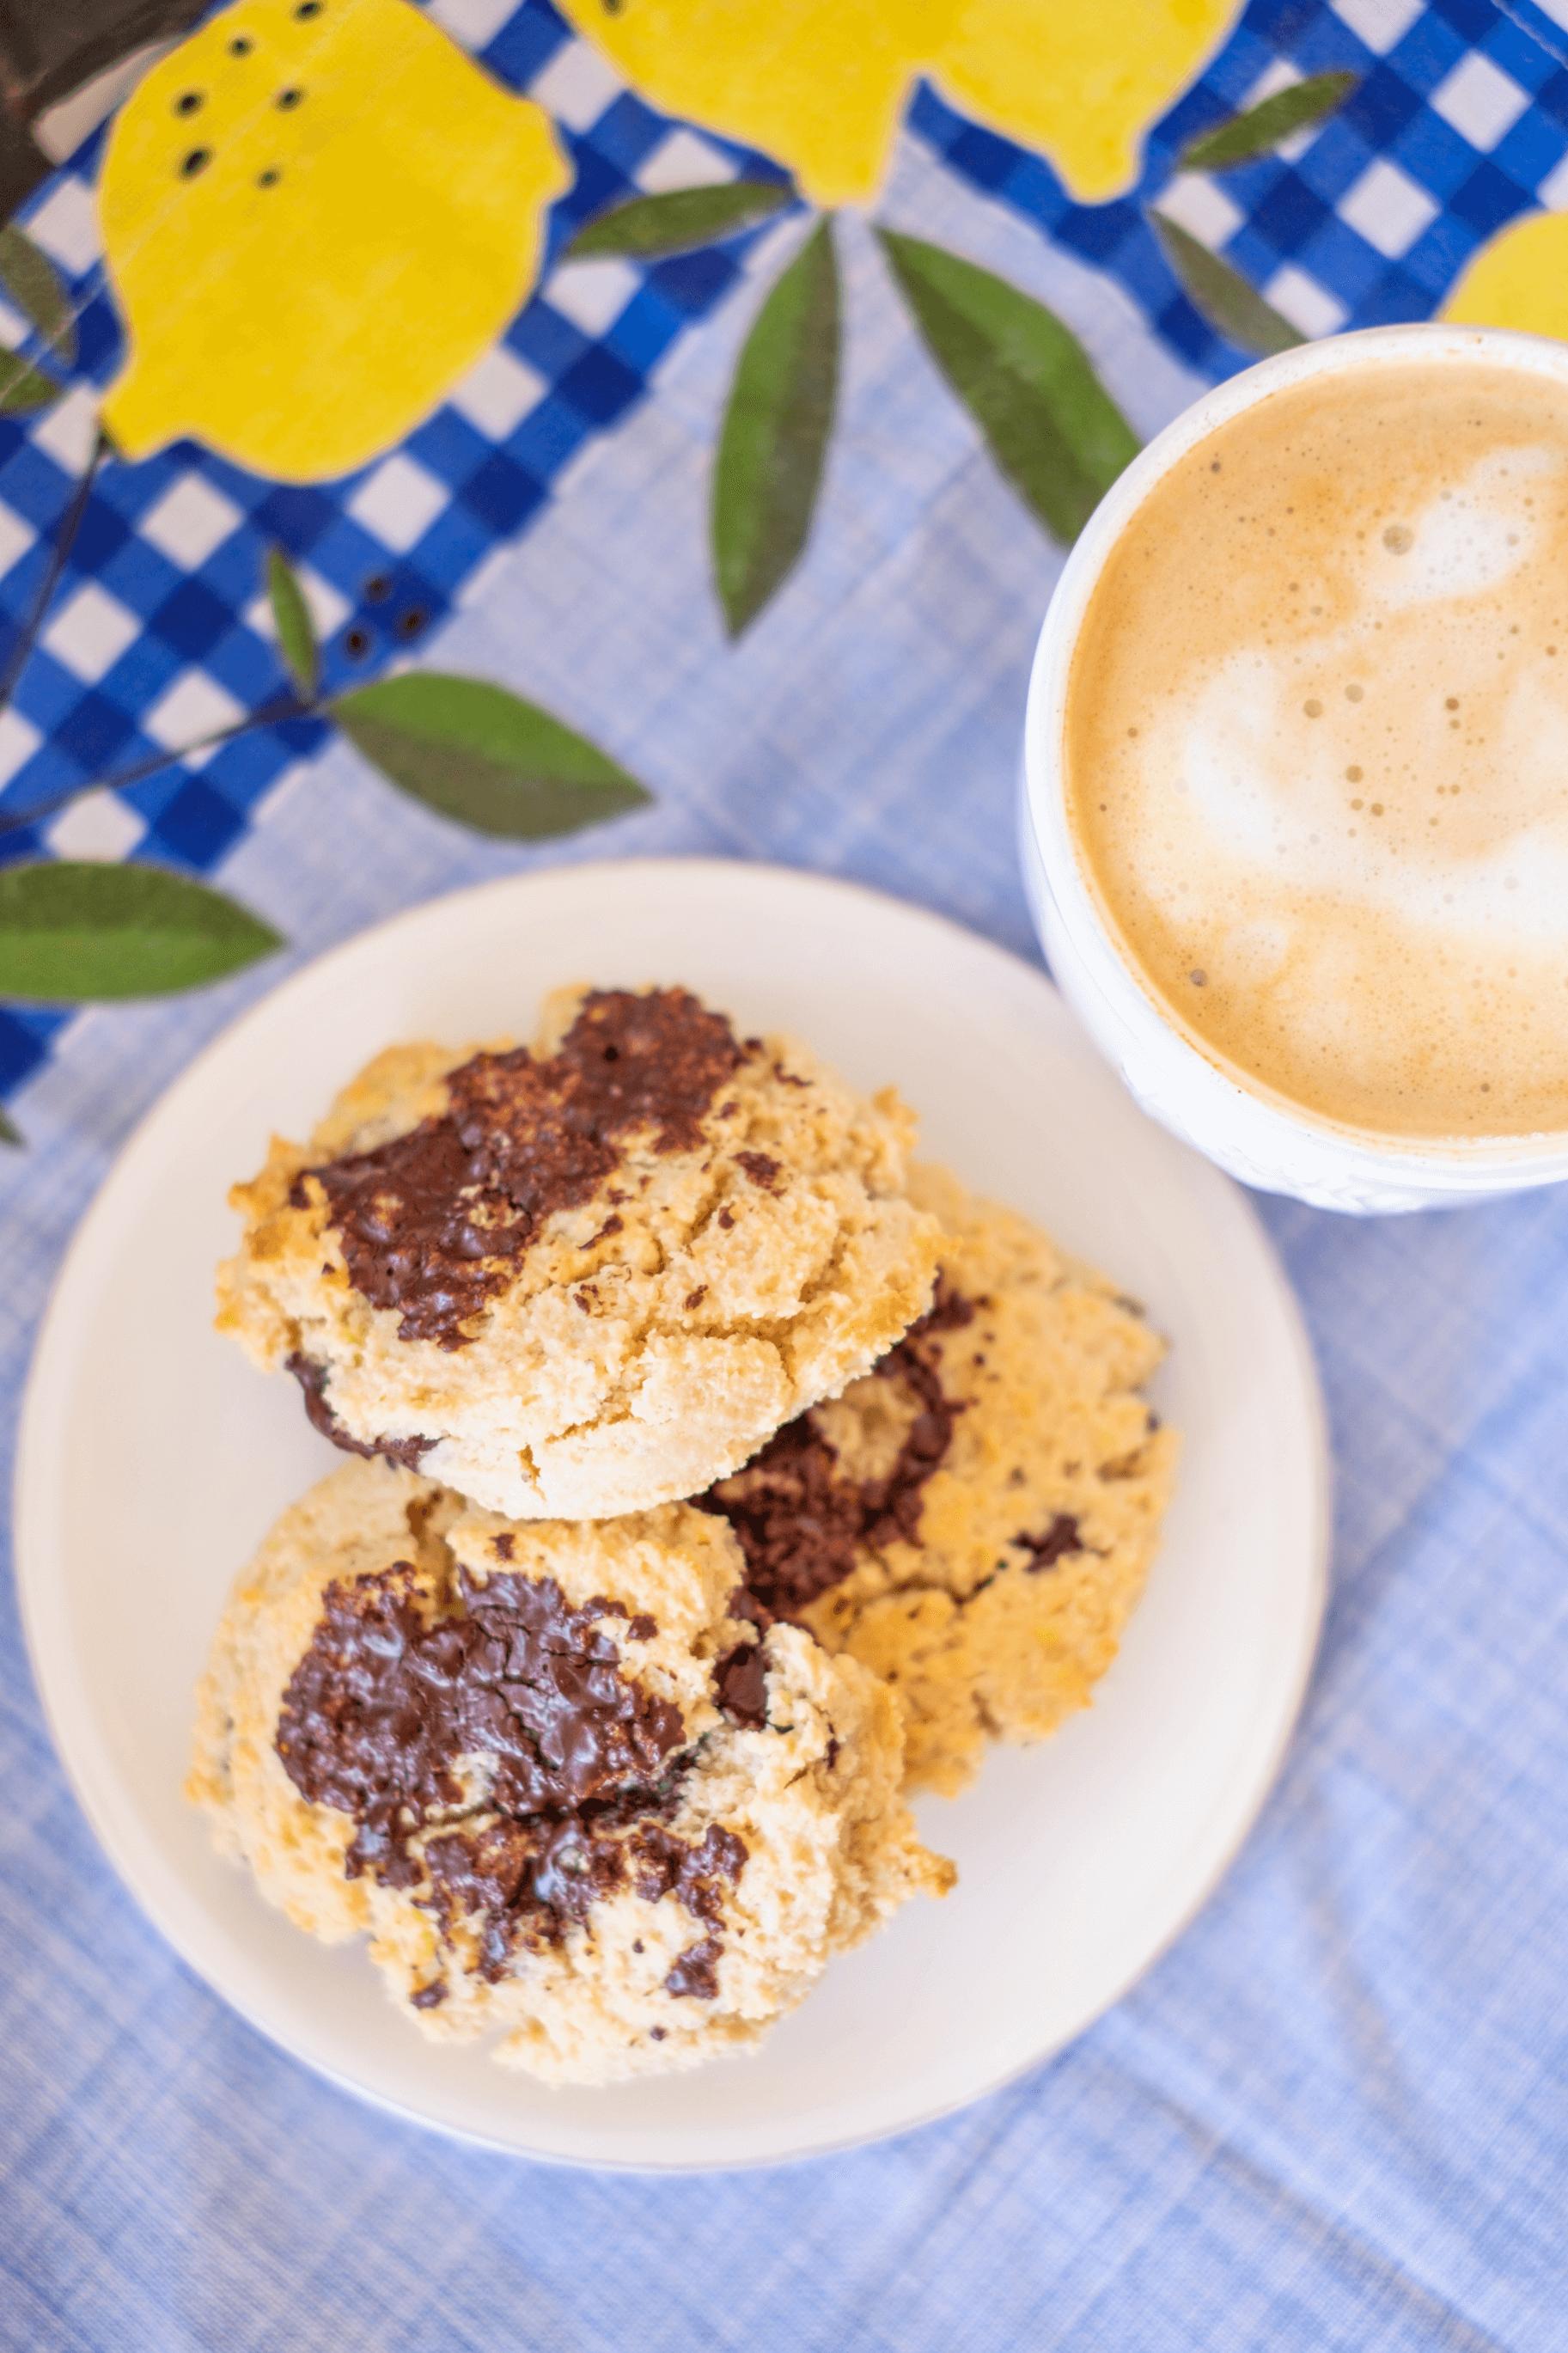 Paleo Chocolate Chip Cookies #whatsavvysaid #glutenfree #dairyfree #refinedsugarfree